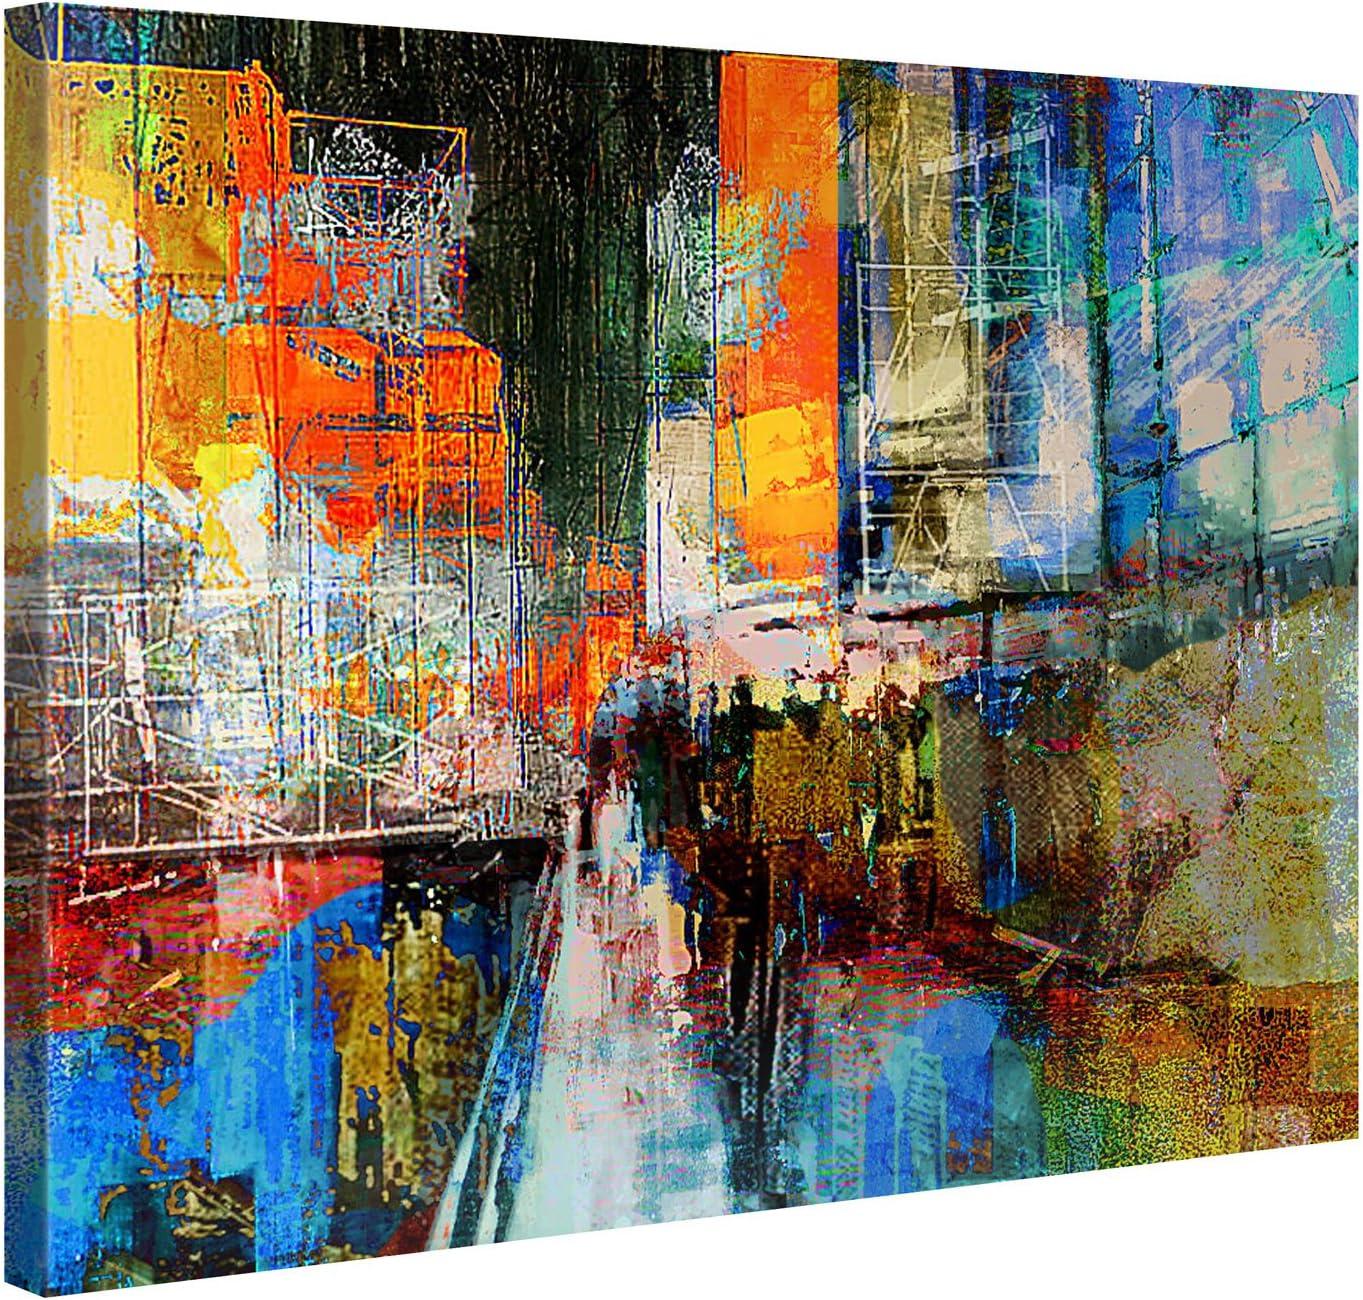 Impresión de pared,100x 75cm, lienzo en marco de madera, 7.ª avenida